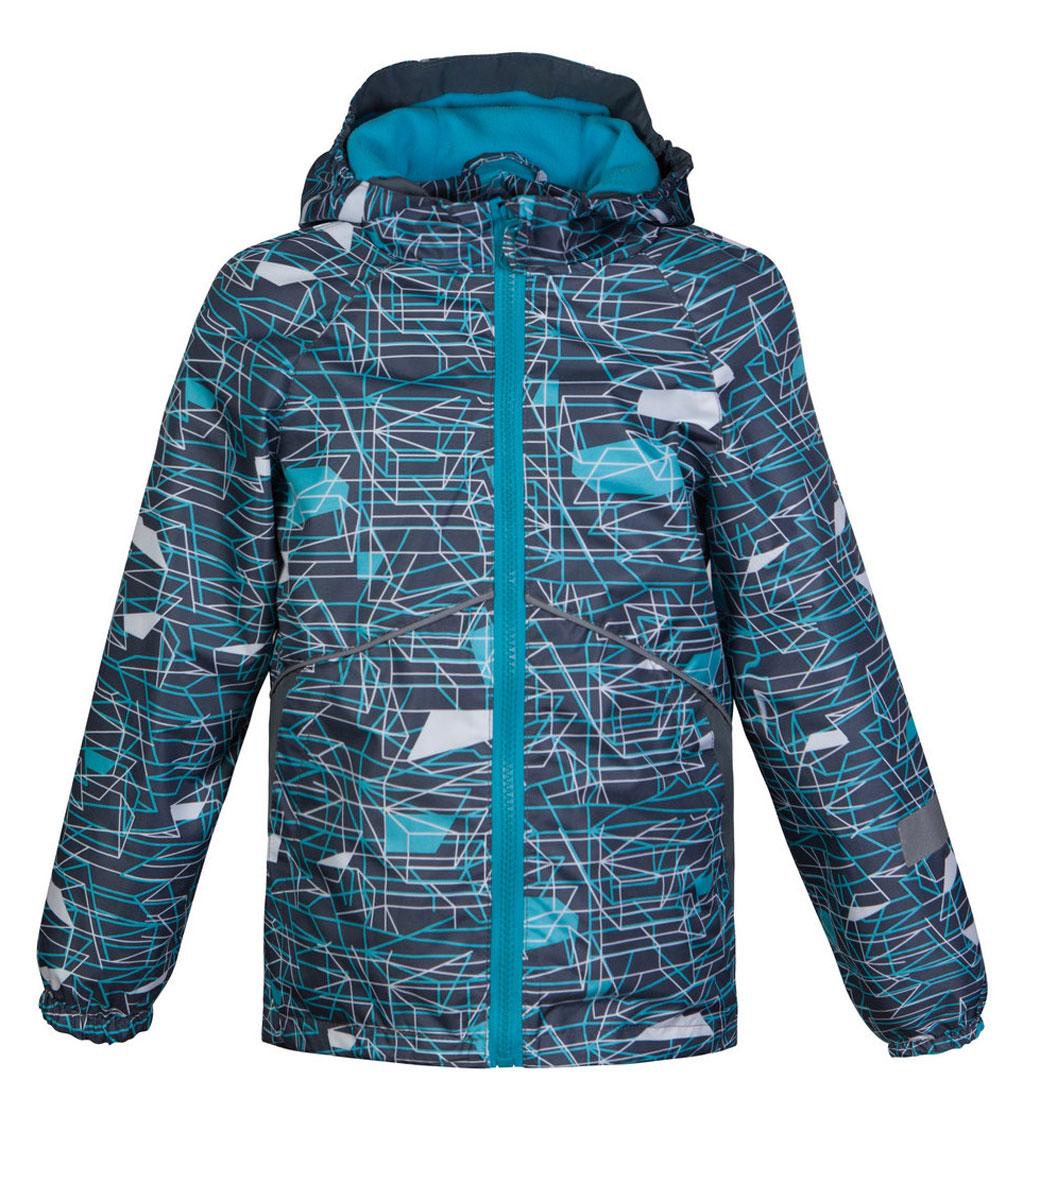 Ветровка для мальчика Jicco Старт, цвет: серый, голубой. 3К1718. Размер 92, 2 года3К1718Легкая весенняя ветровка Старт от Jicco By Oldos из принтованной курточной ткани станет украшением весеннего гардероба. Такая курточка идеально подойдет на ветреную погоду с температурой +10…+20°С, она защитит от легкого весеннего дождя и переменчивого ветра. Модель застегивается на молнию. По всей длине молнии имеется внутренняя ветрозащитная планка с защитой подбородка от прищемления. Модель имеет флисовую подкладку на груди, спинке и в капюшоне. Капюшон не отстегивается, для лучшего прилегания по бокам вшита резинка. Манжеты рукавов на резинке, низ куртки снабжен регулируемой утяжкой. Светоотражающие элементы для безопасной прогулки в темное время суток. С лицевой стороны расположены карманы на молнии.